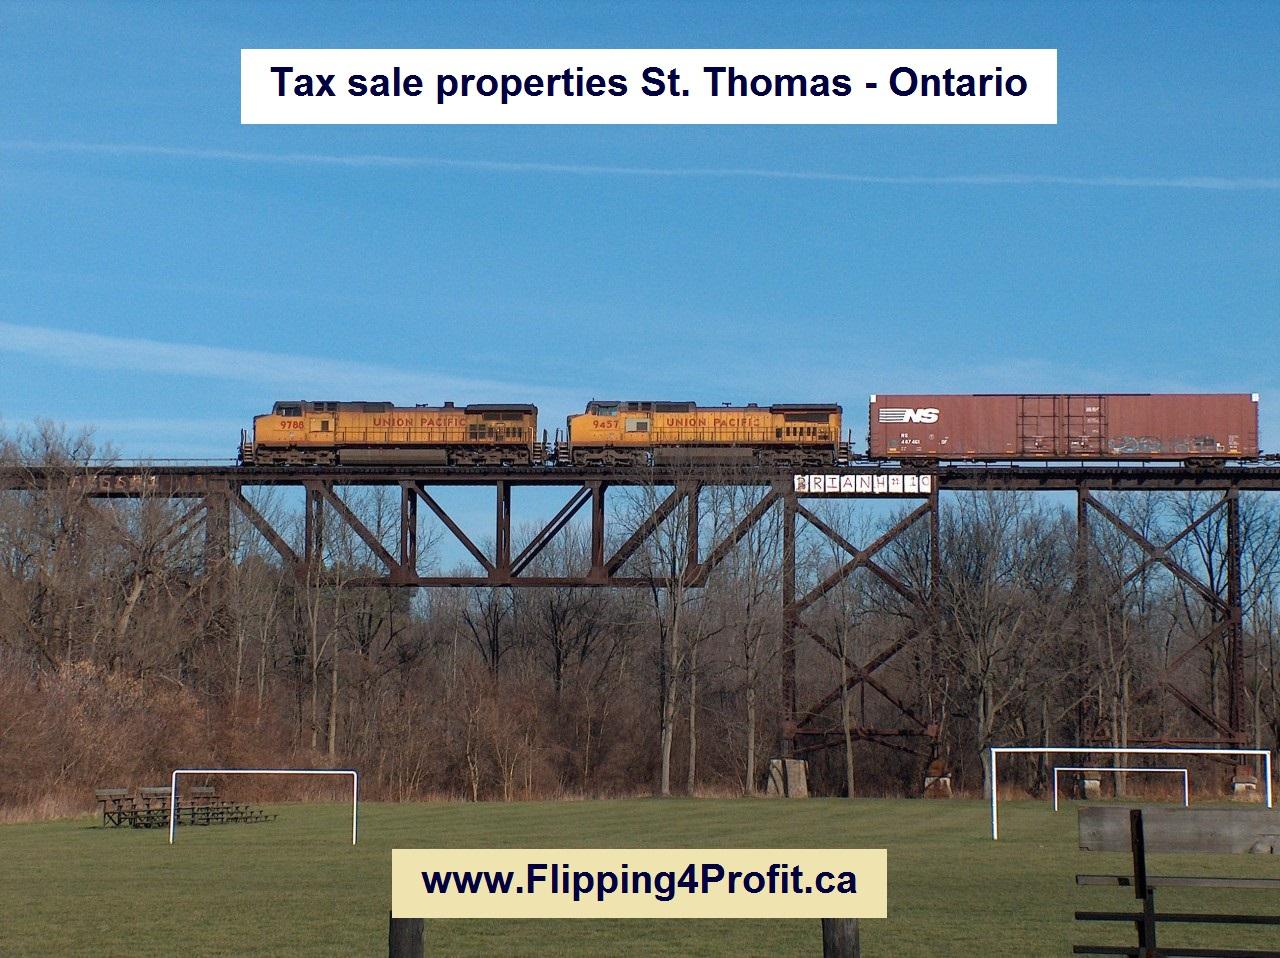 Tax sale properties St. Thomas - Ontario